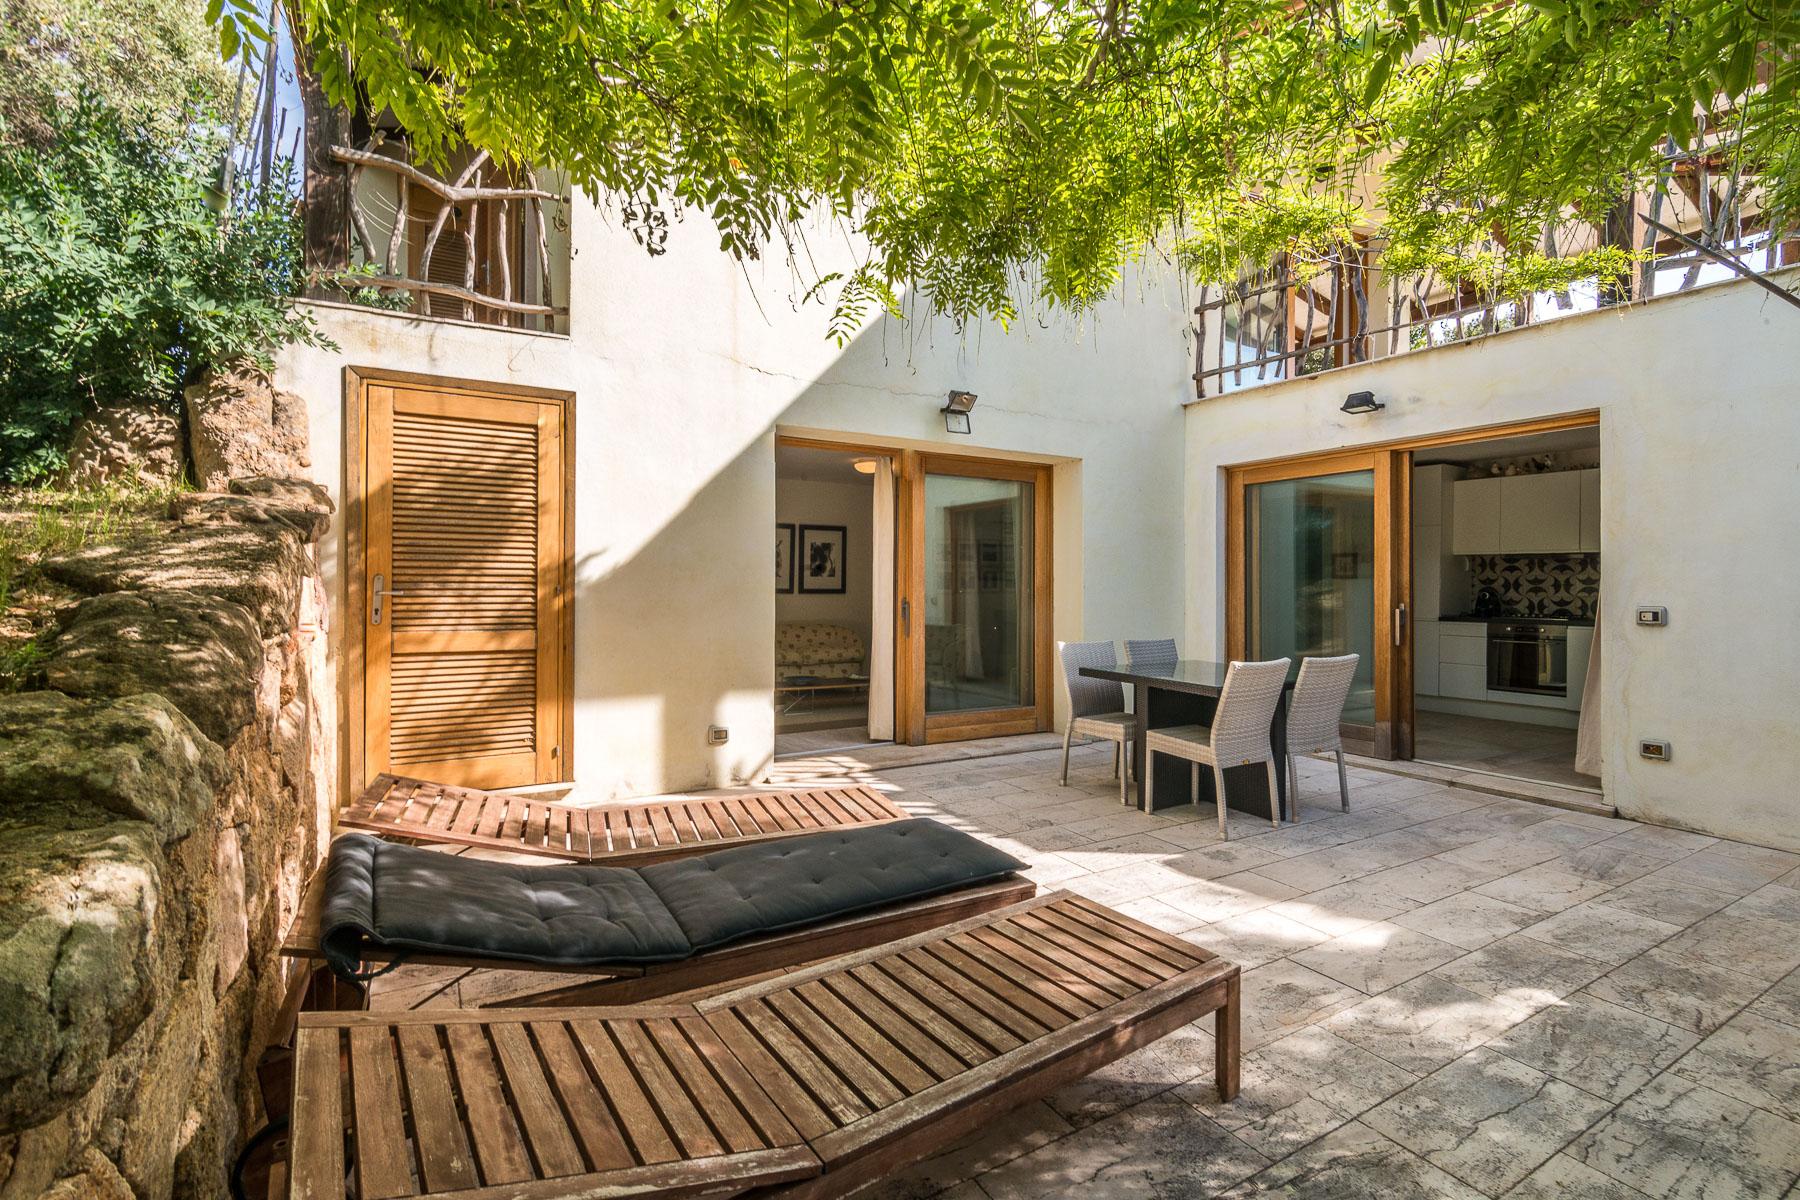 Villa in Vendita a Golfo Aranci: 5 locali, 170 mq - Foto 19